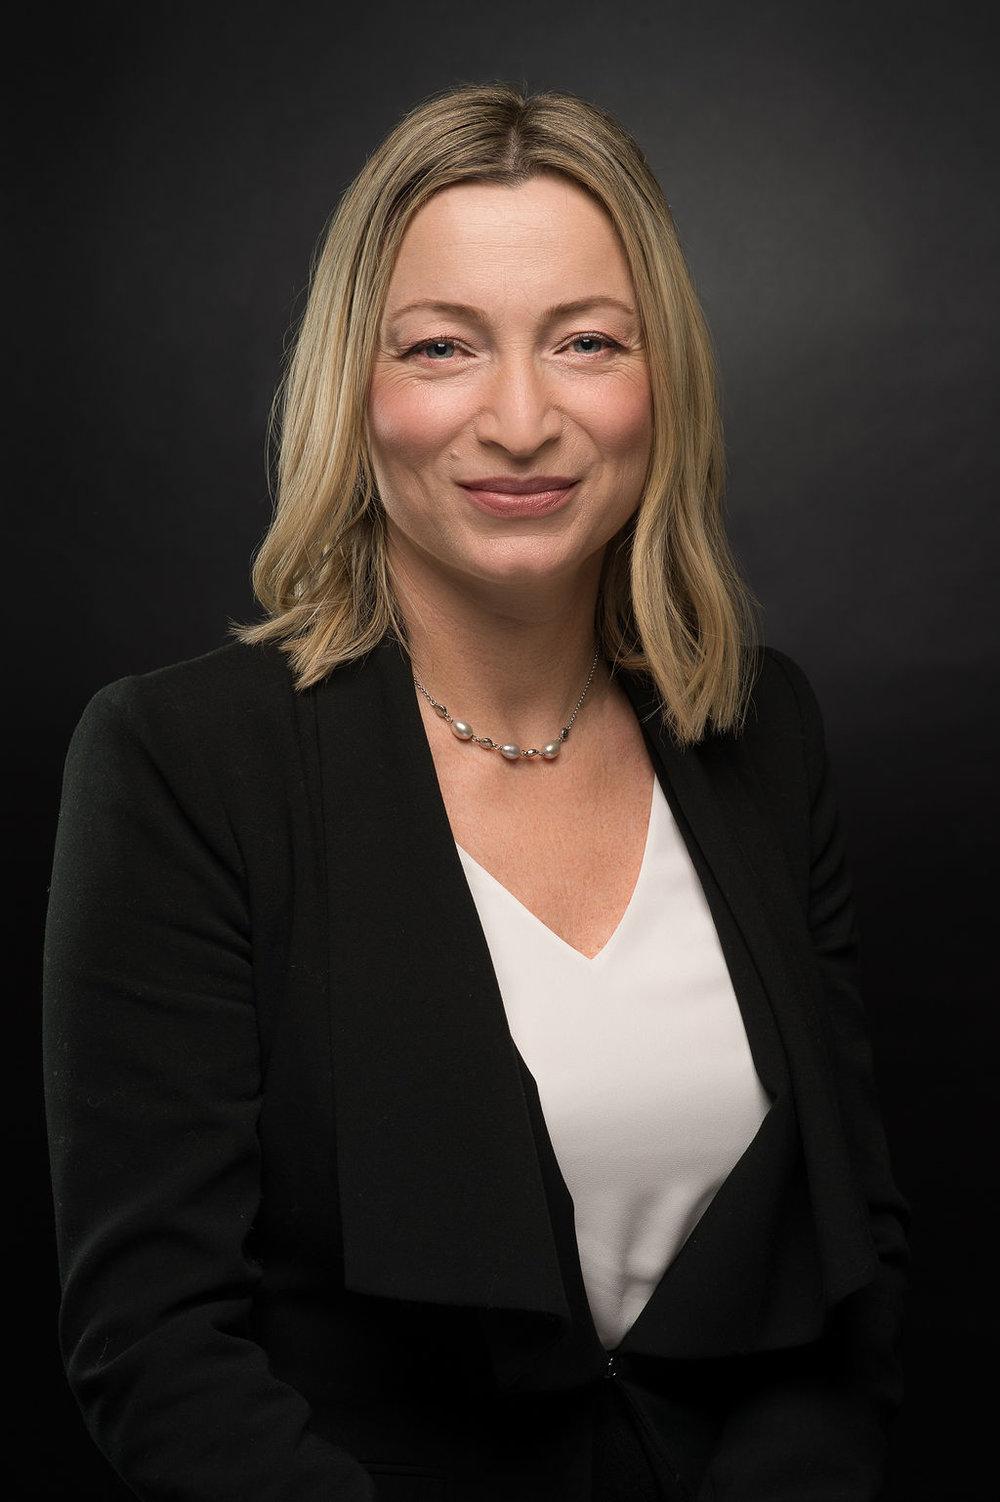 Shelley McGimsie